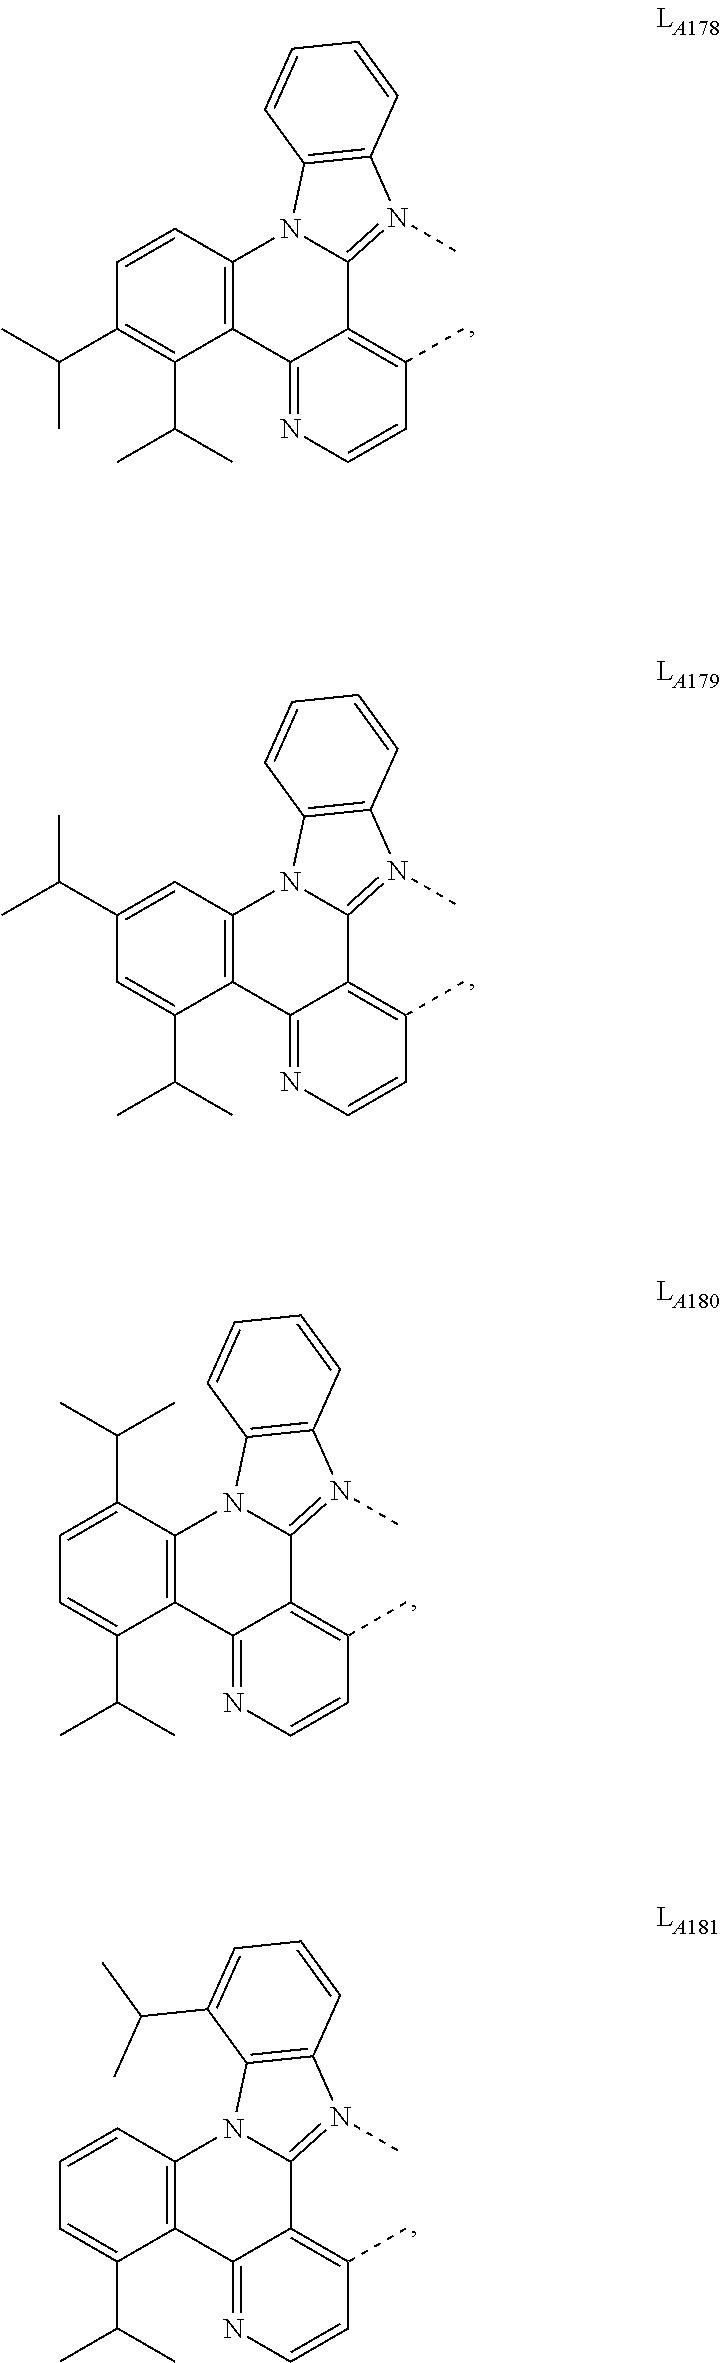 Figure US09905785-20180227-C00066